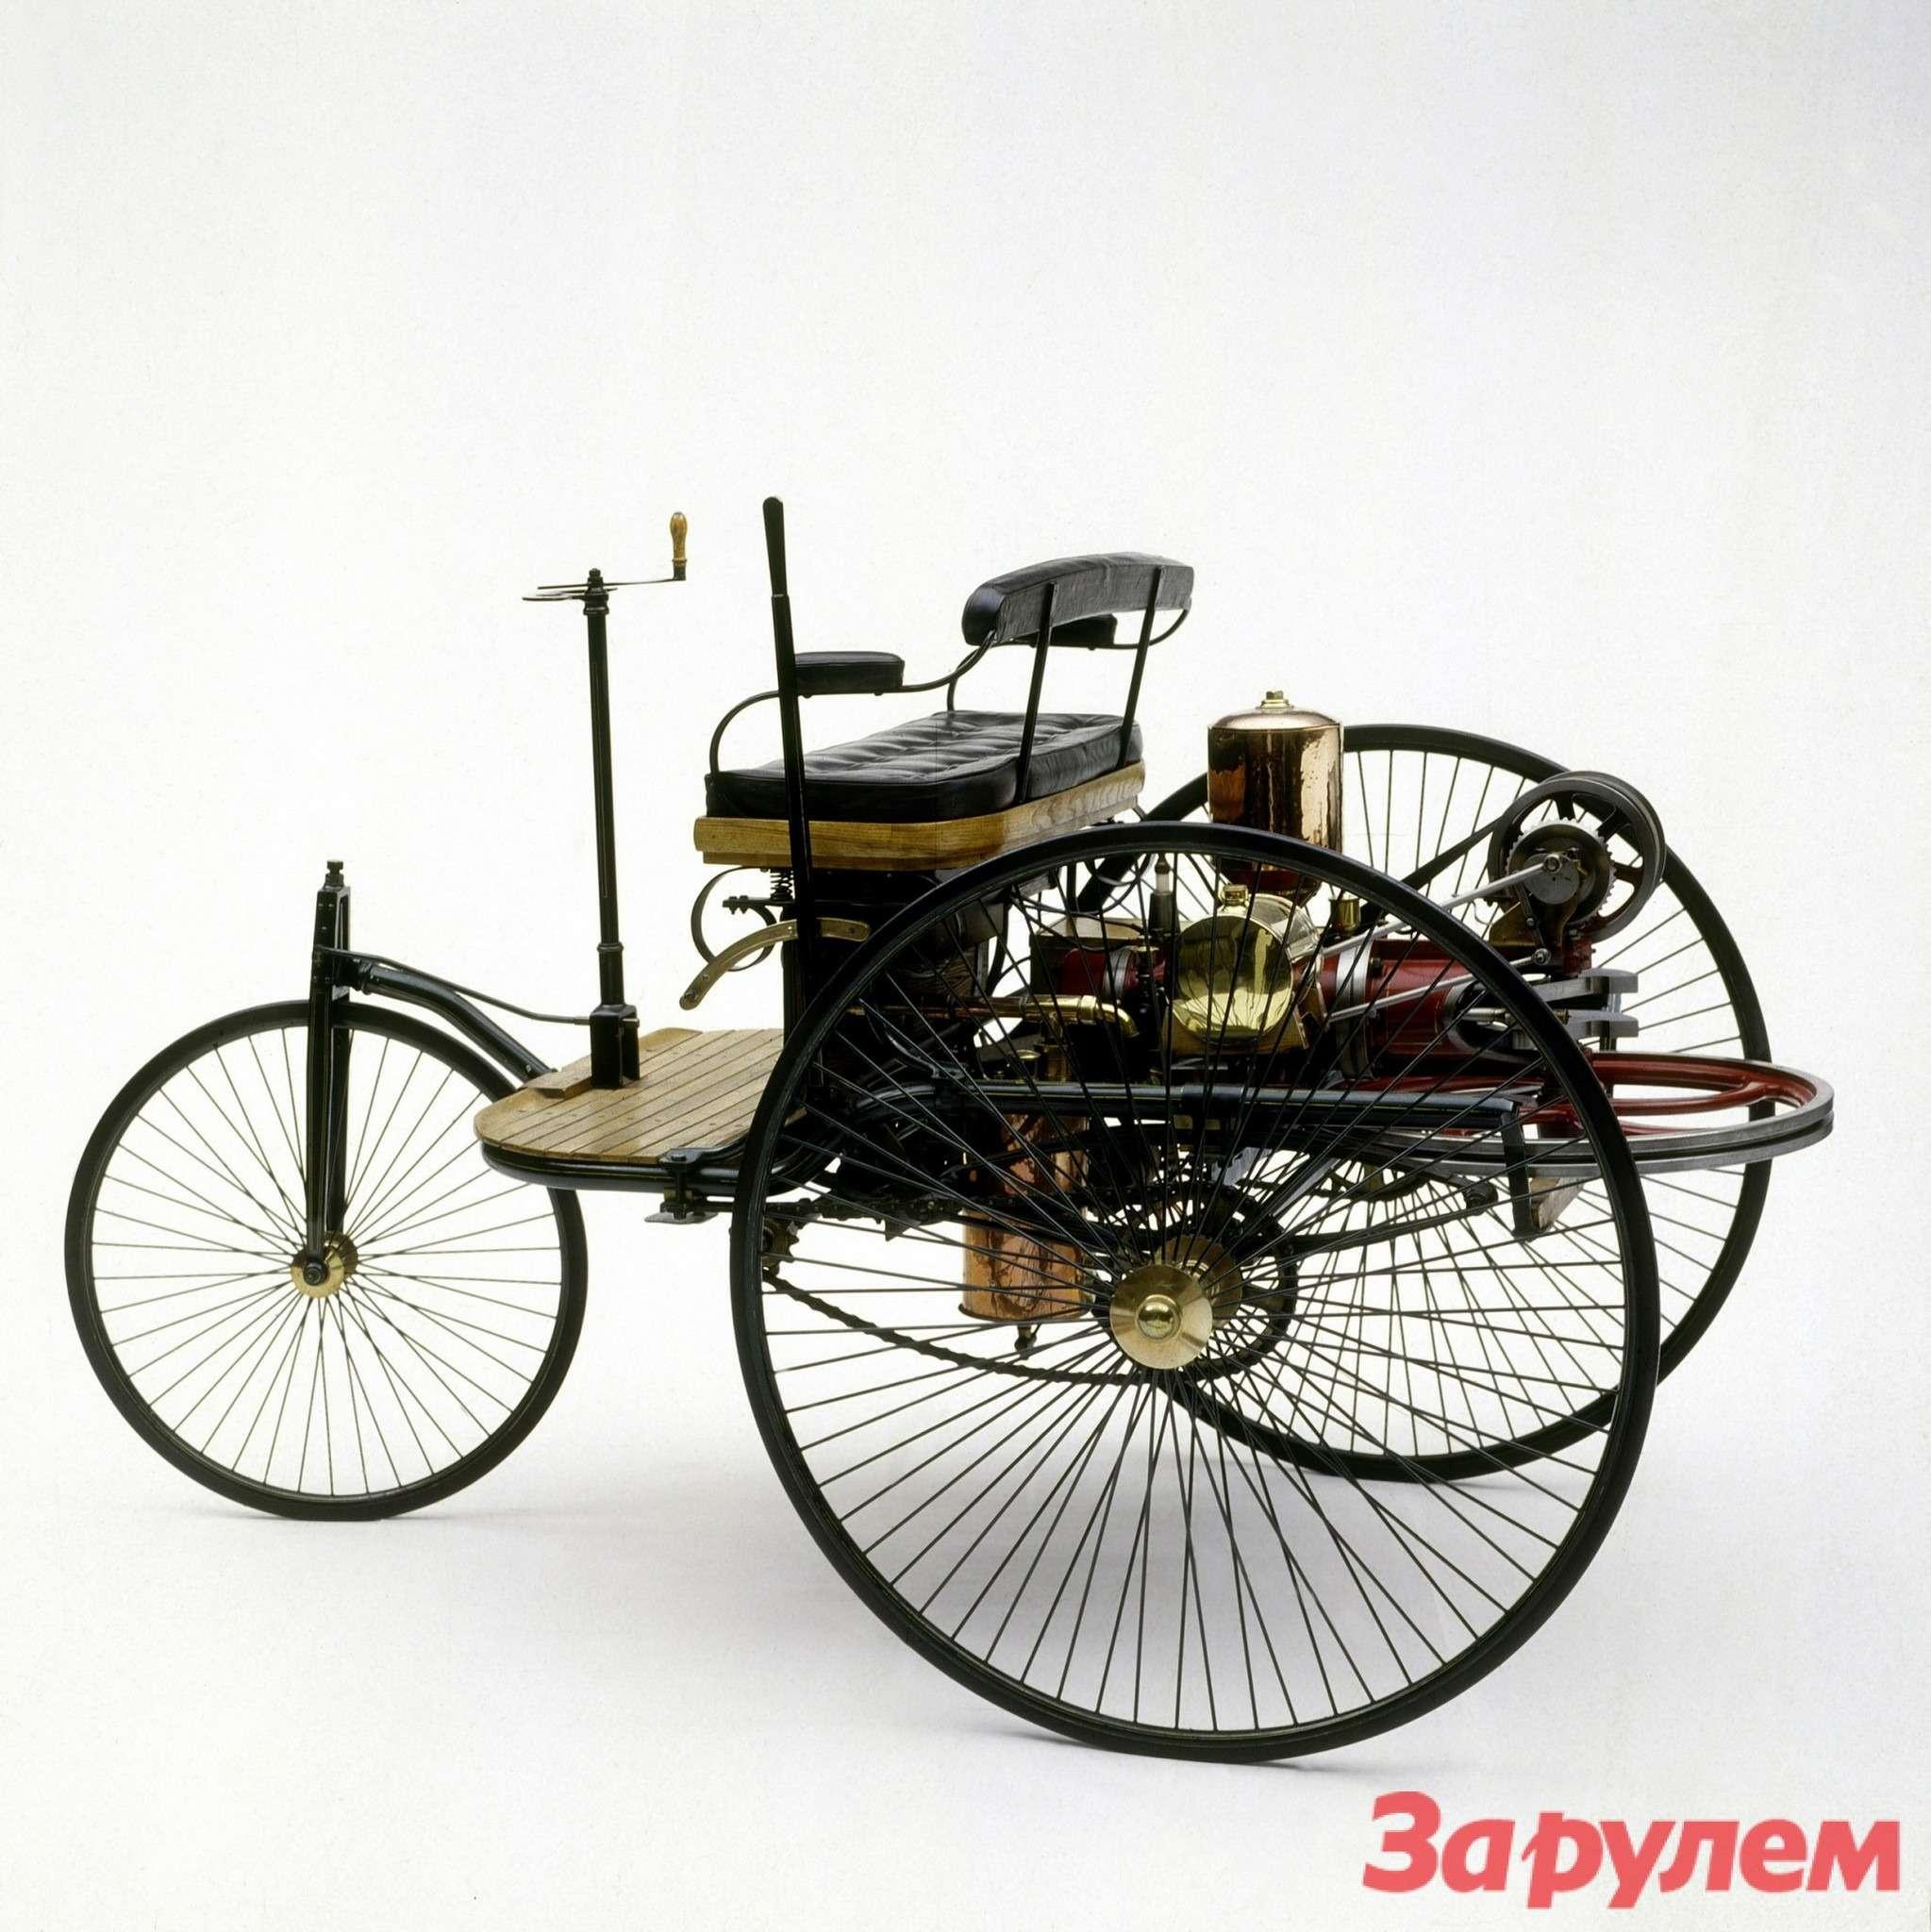 Benz Patent Motorwagen первой серии. Следом появится второй образец, мощностью уже 1,5 л.с., атретий образец 1888 года, мощностью до3л.с. будет построен серией в25машин